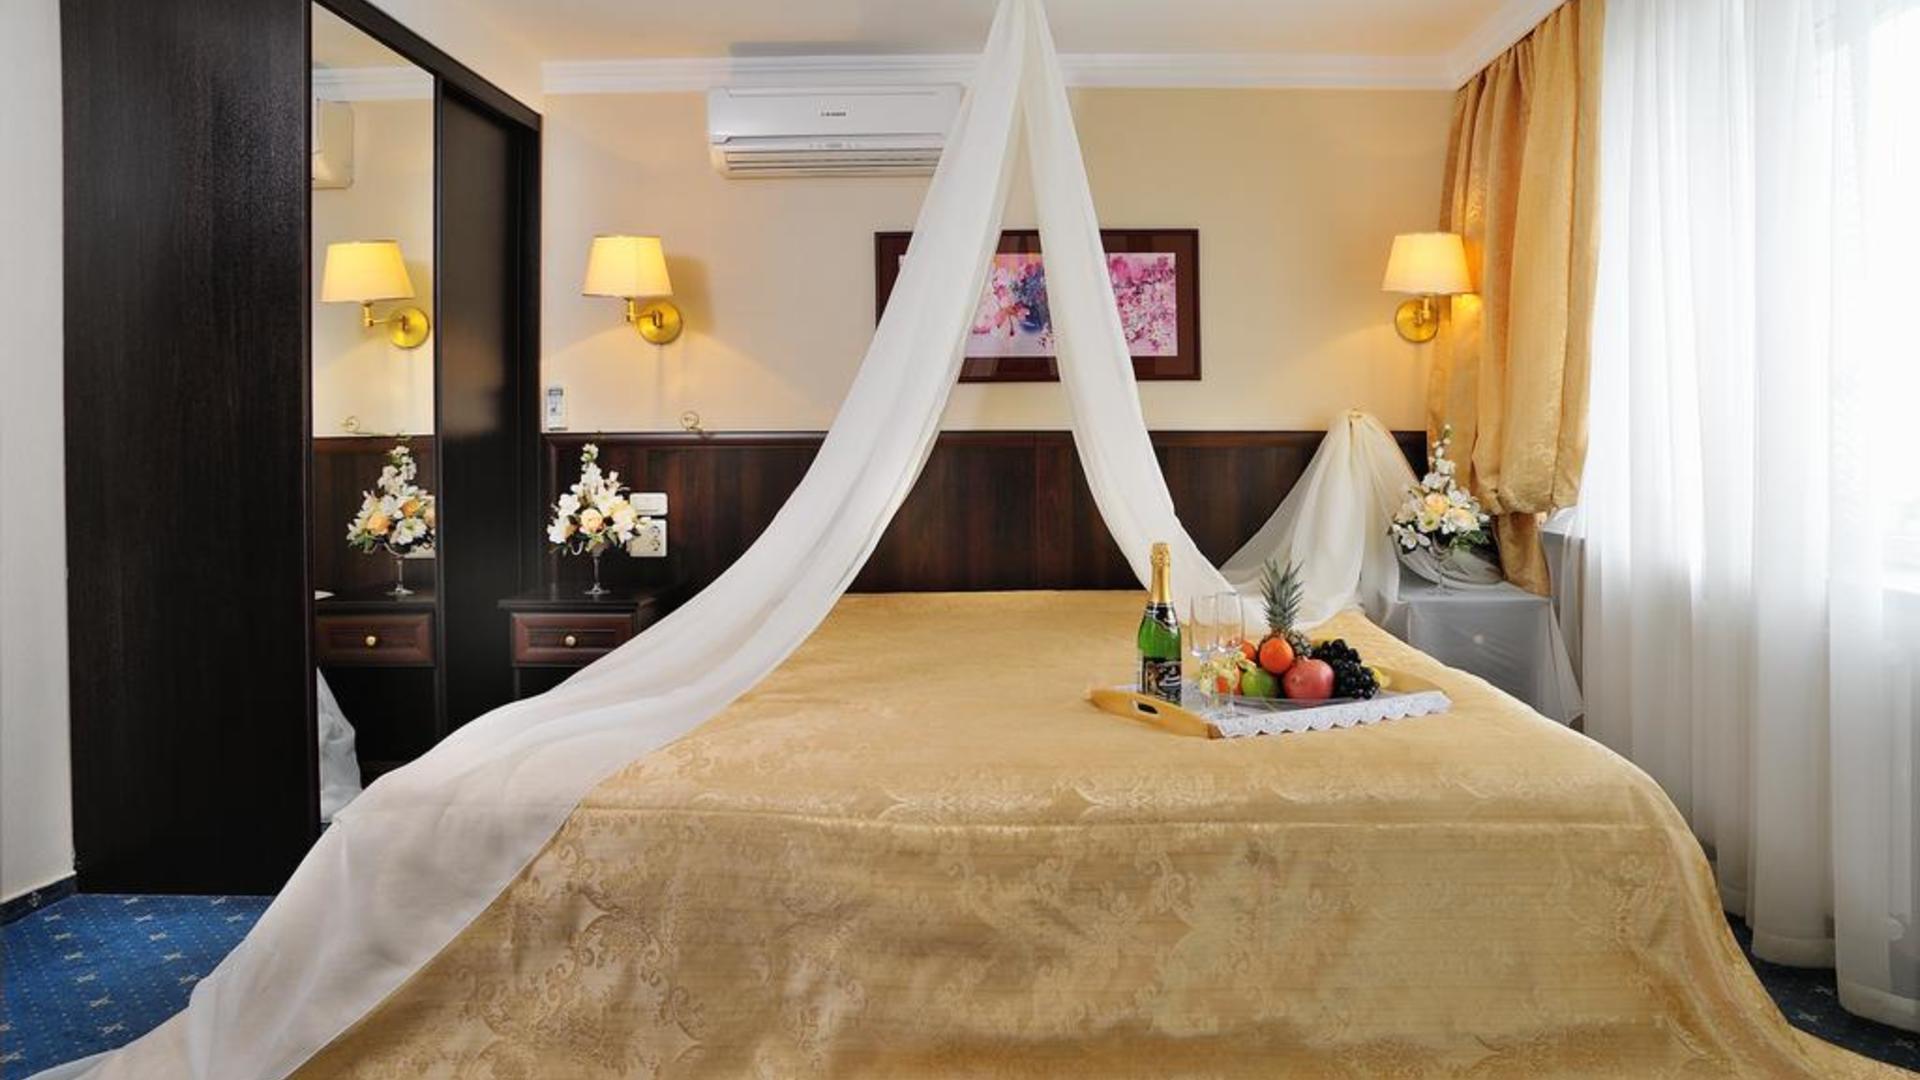 выбрать гостиницы пензы для фотосессии праздником